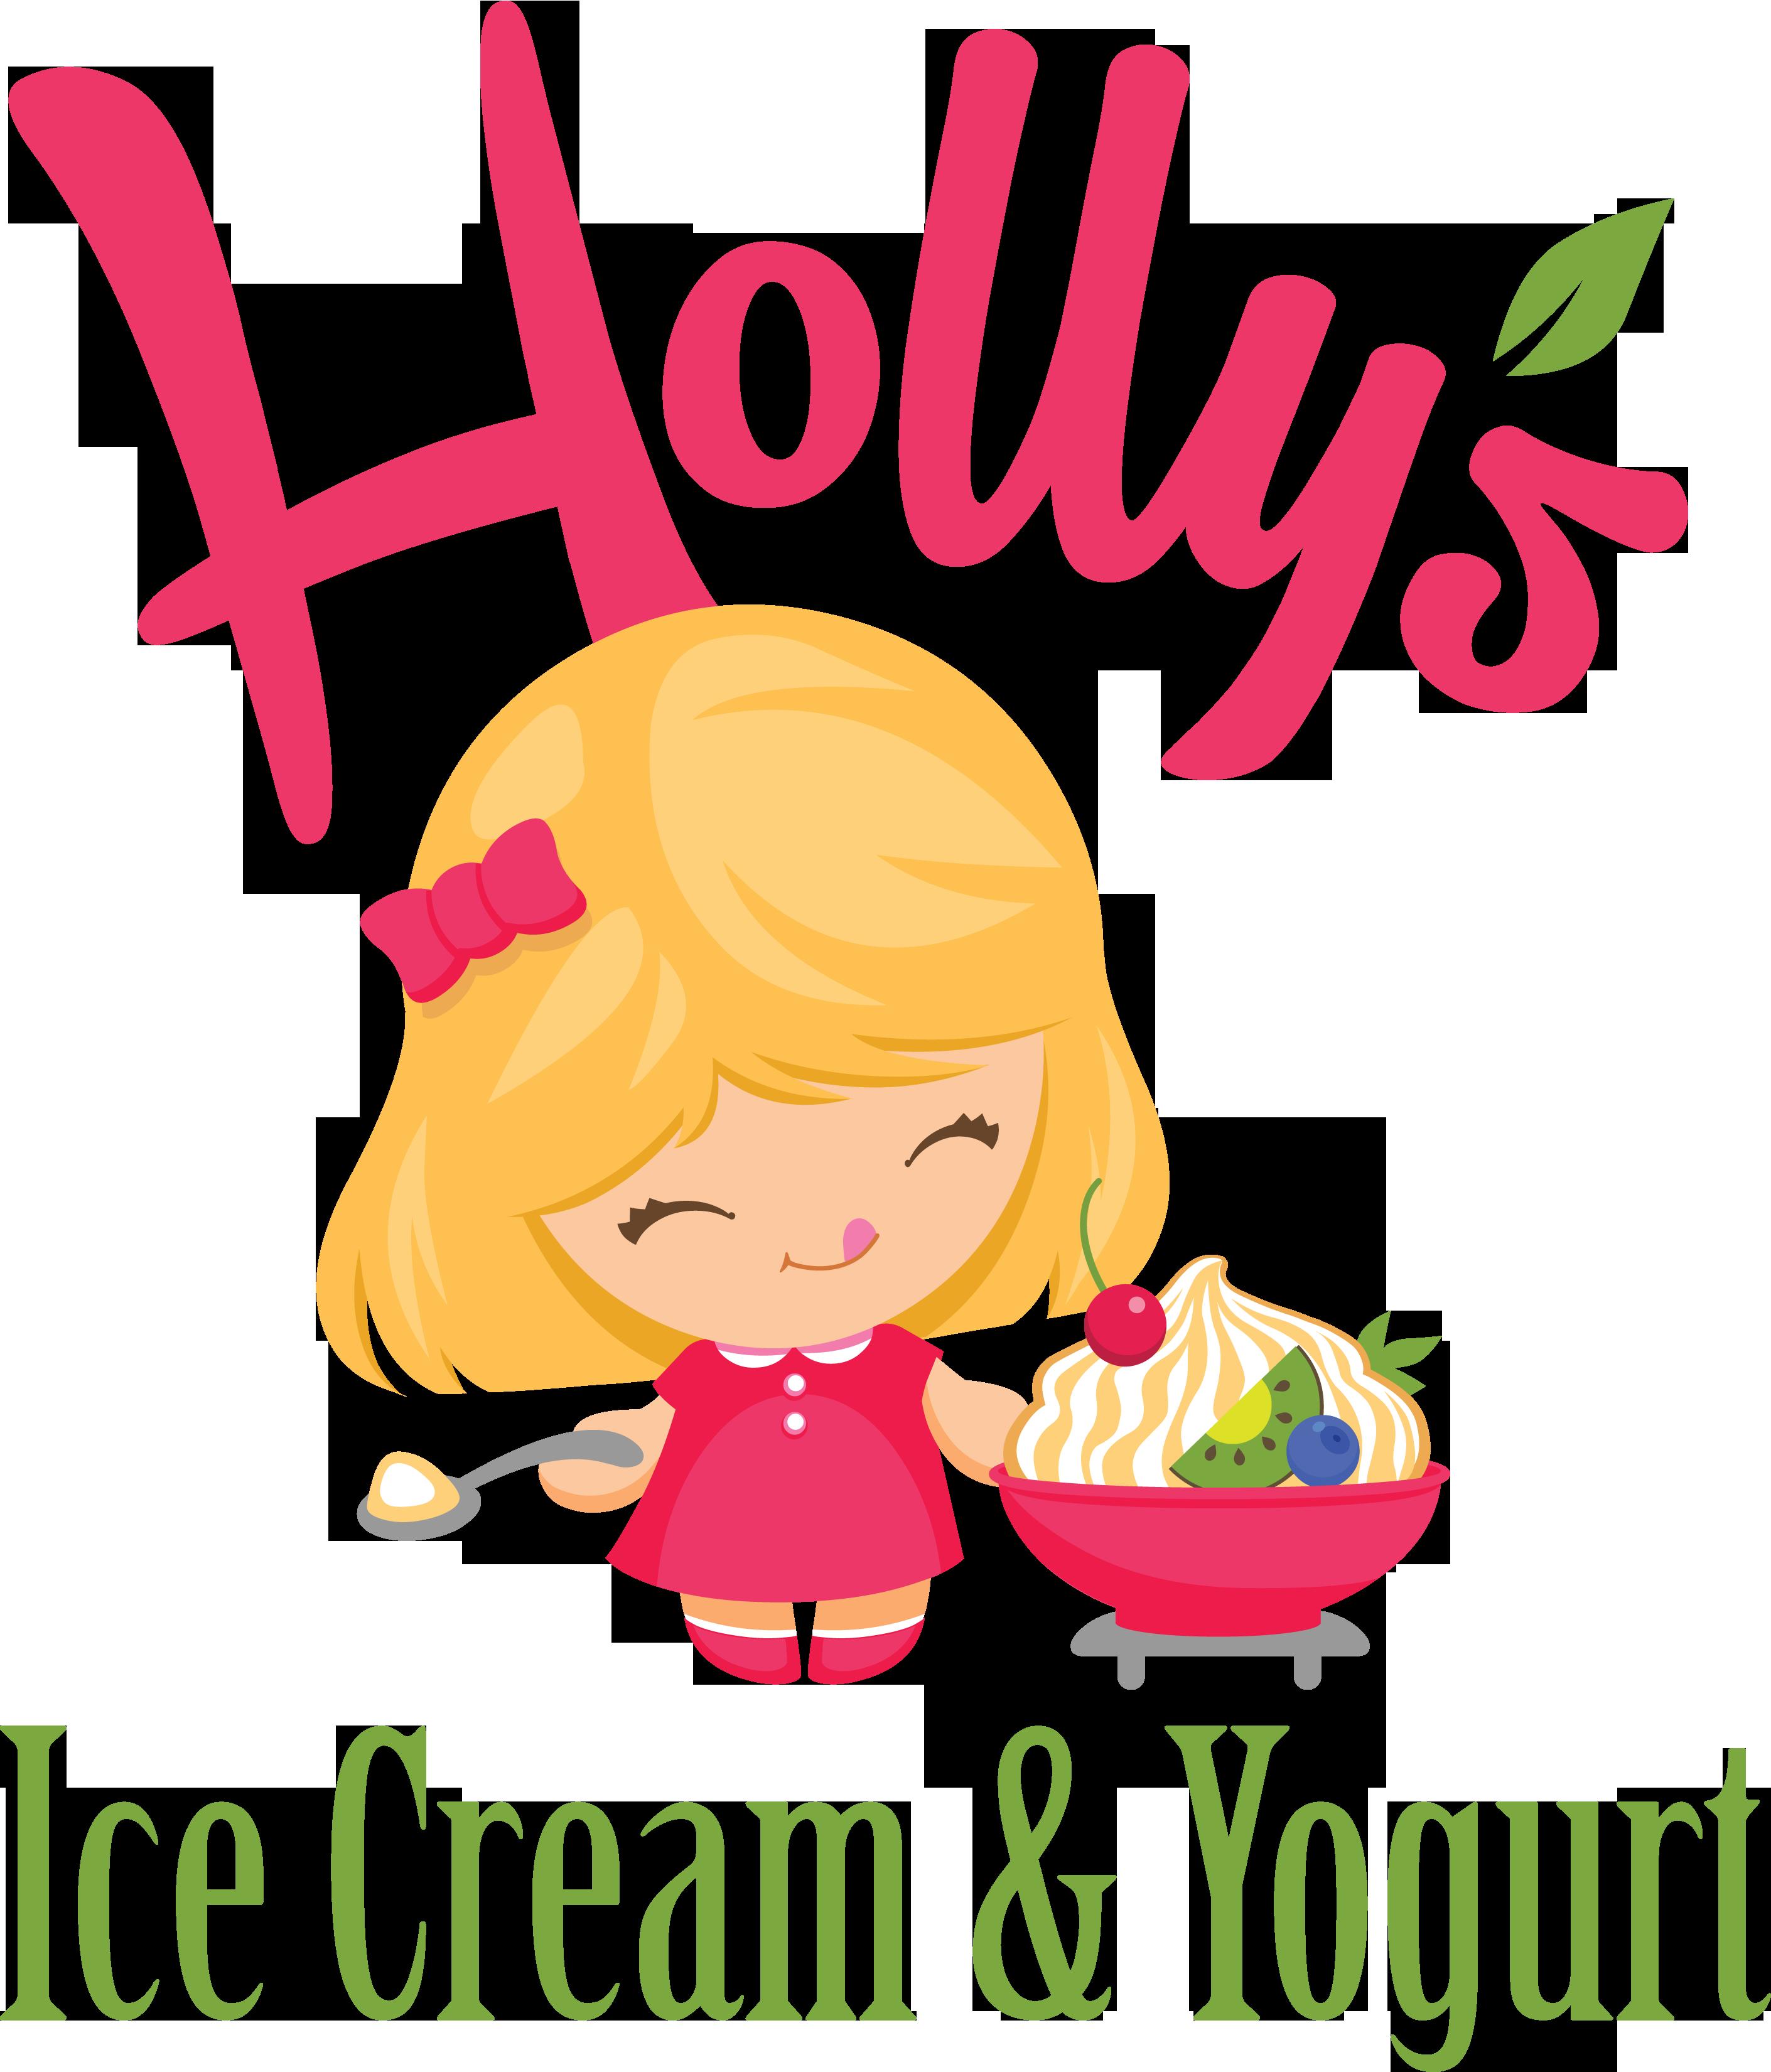 Hollys_Logo_1a